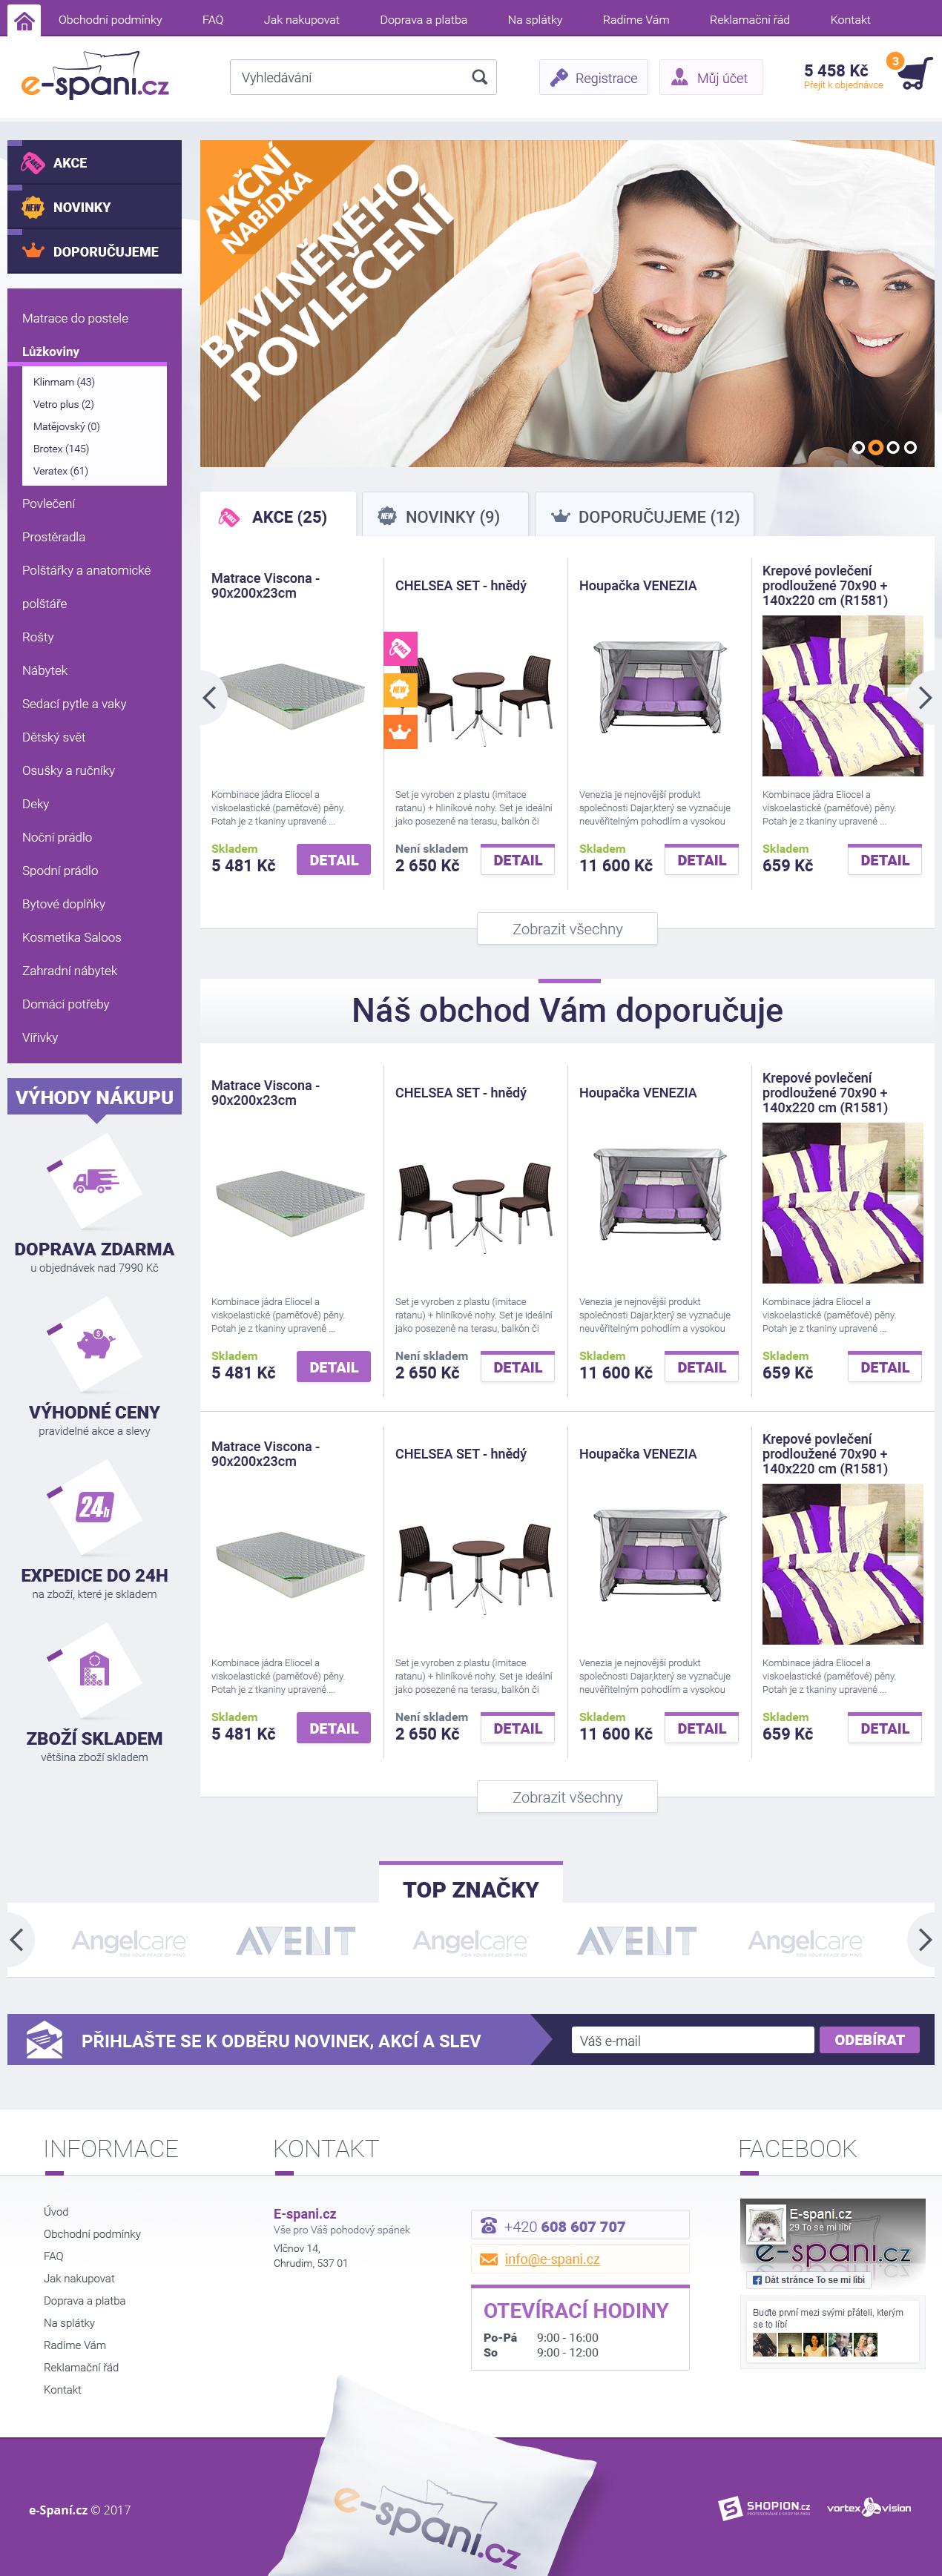 Internetový obchod .e-spani.cz